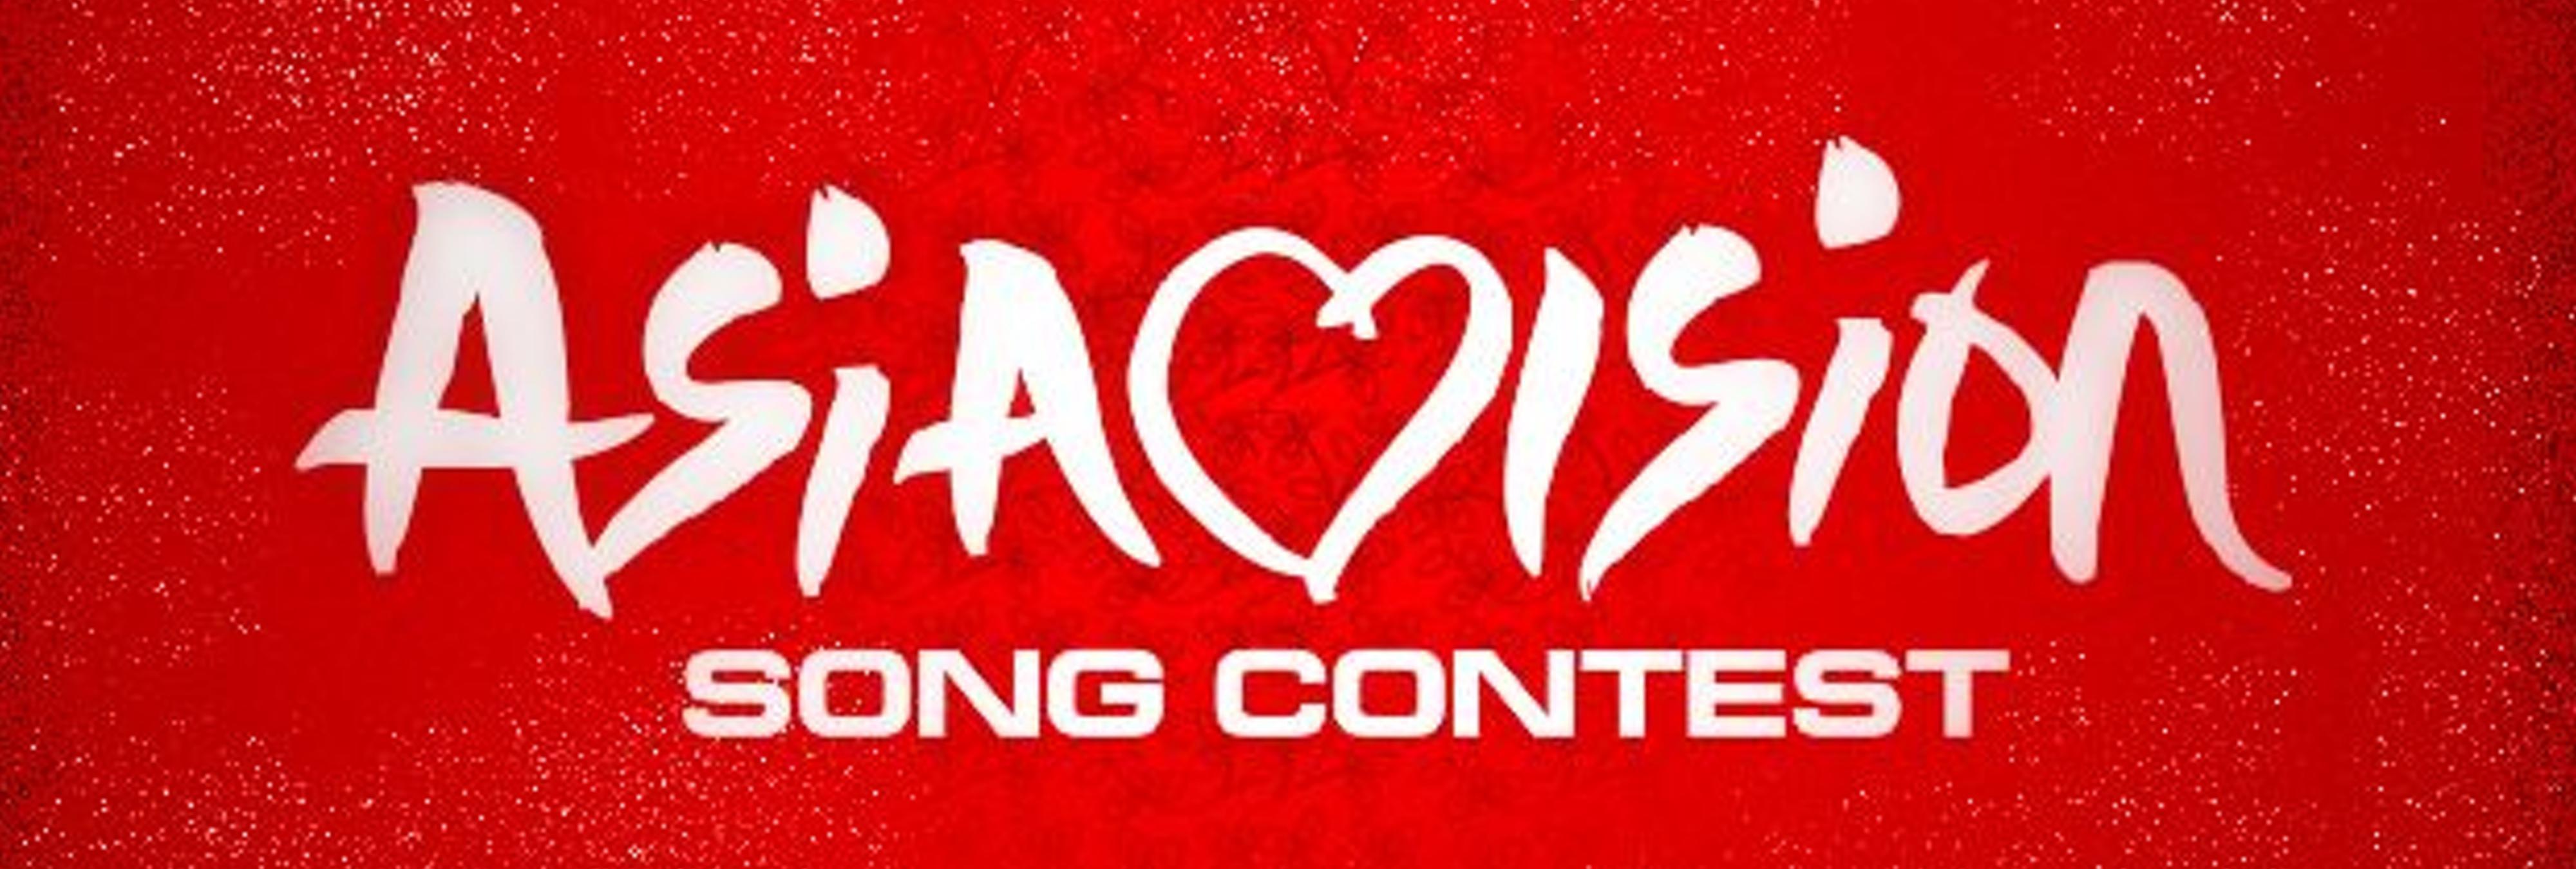 Nace Eurovision Asian Song Contest para elegir al representante asiático en Lisboa 2018